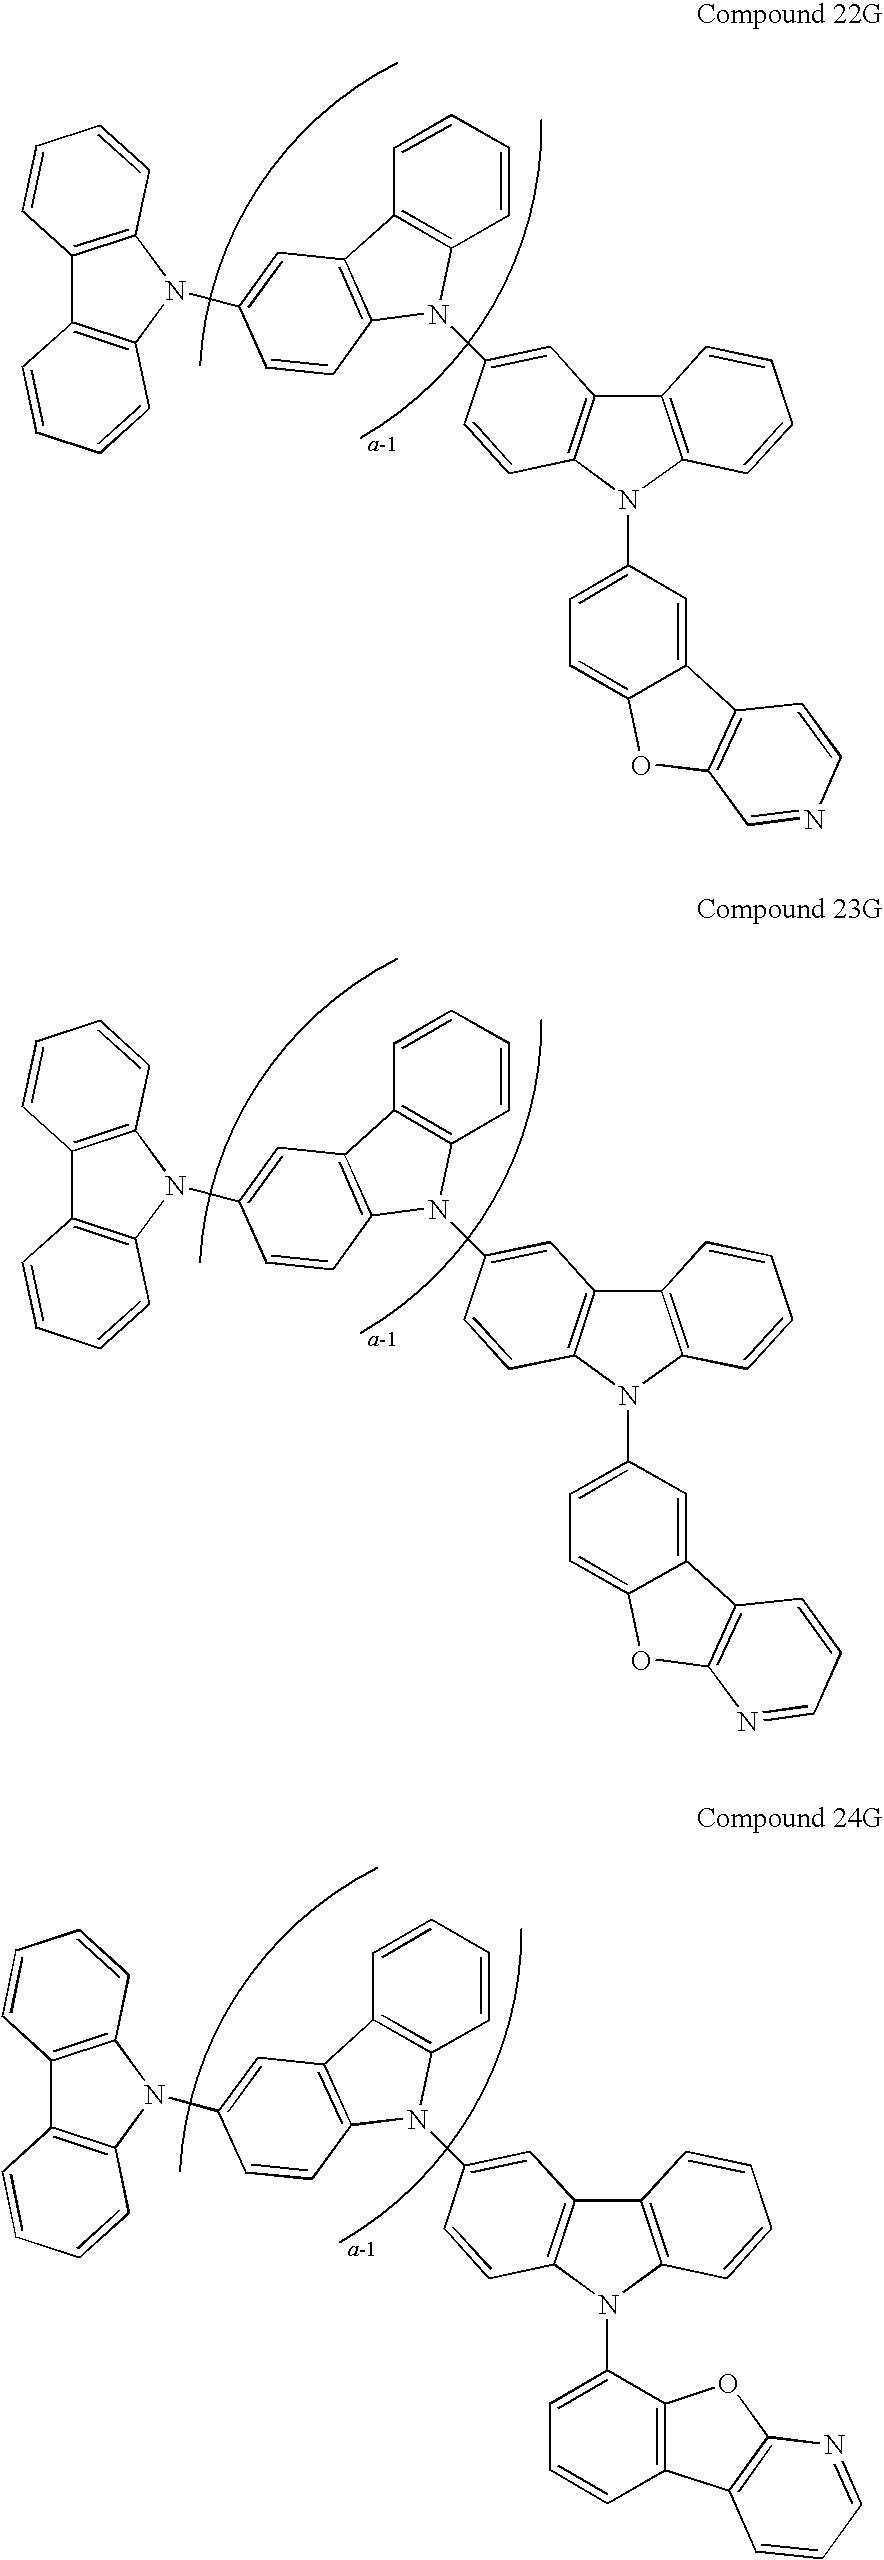 Figure US20090134784A1-20090528-C00011